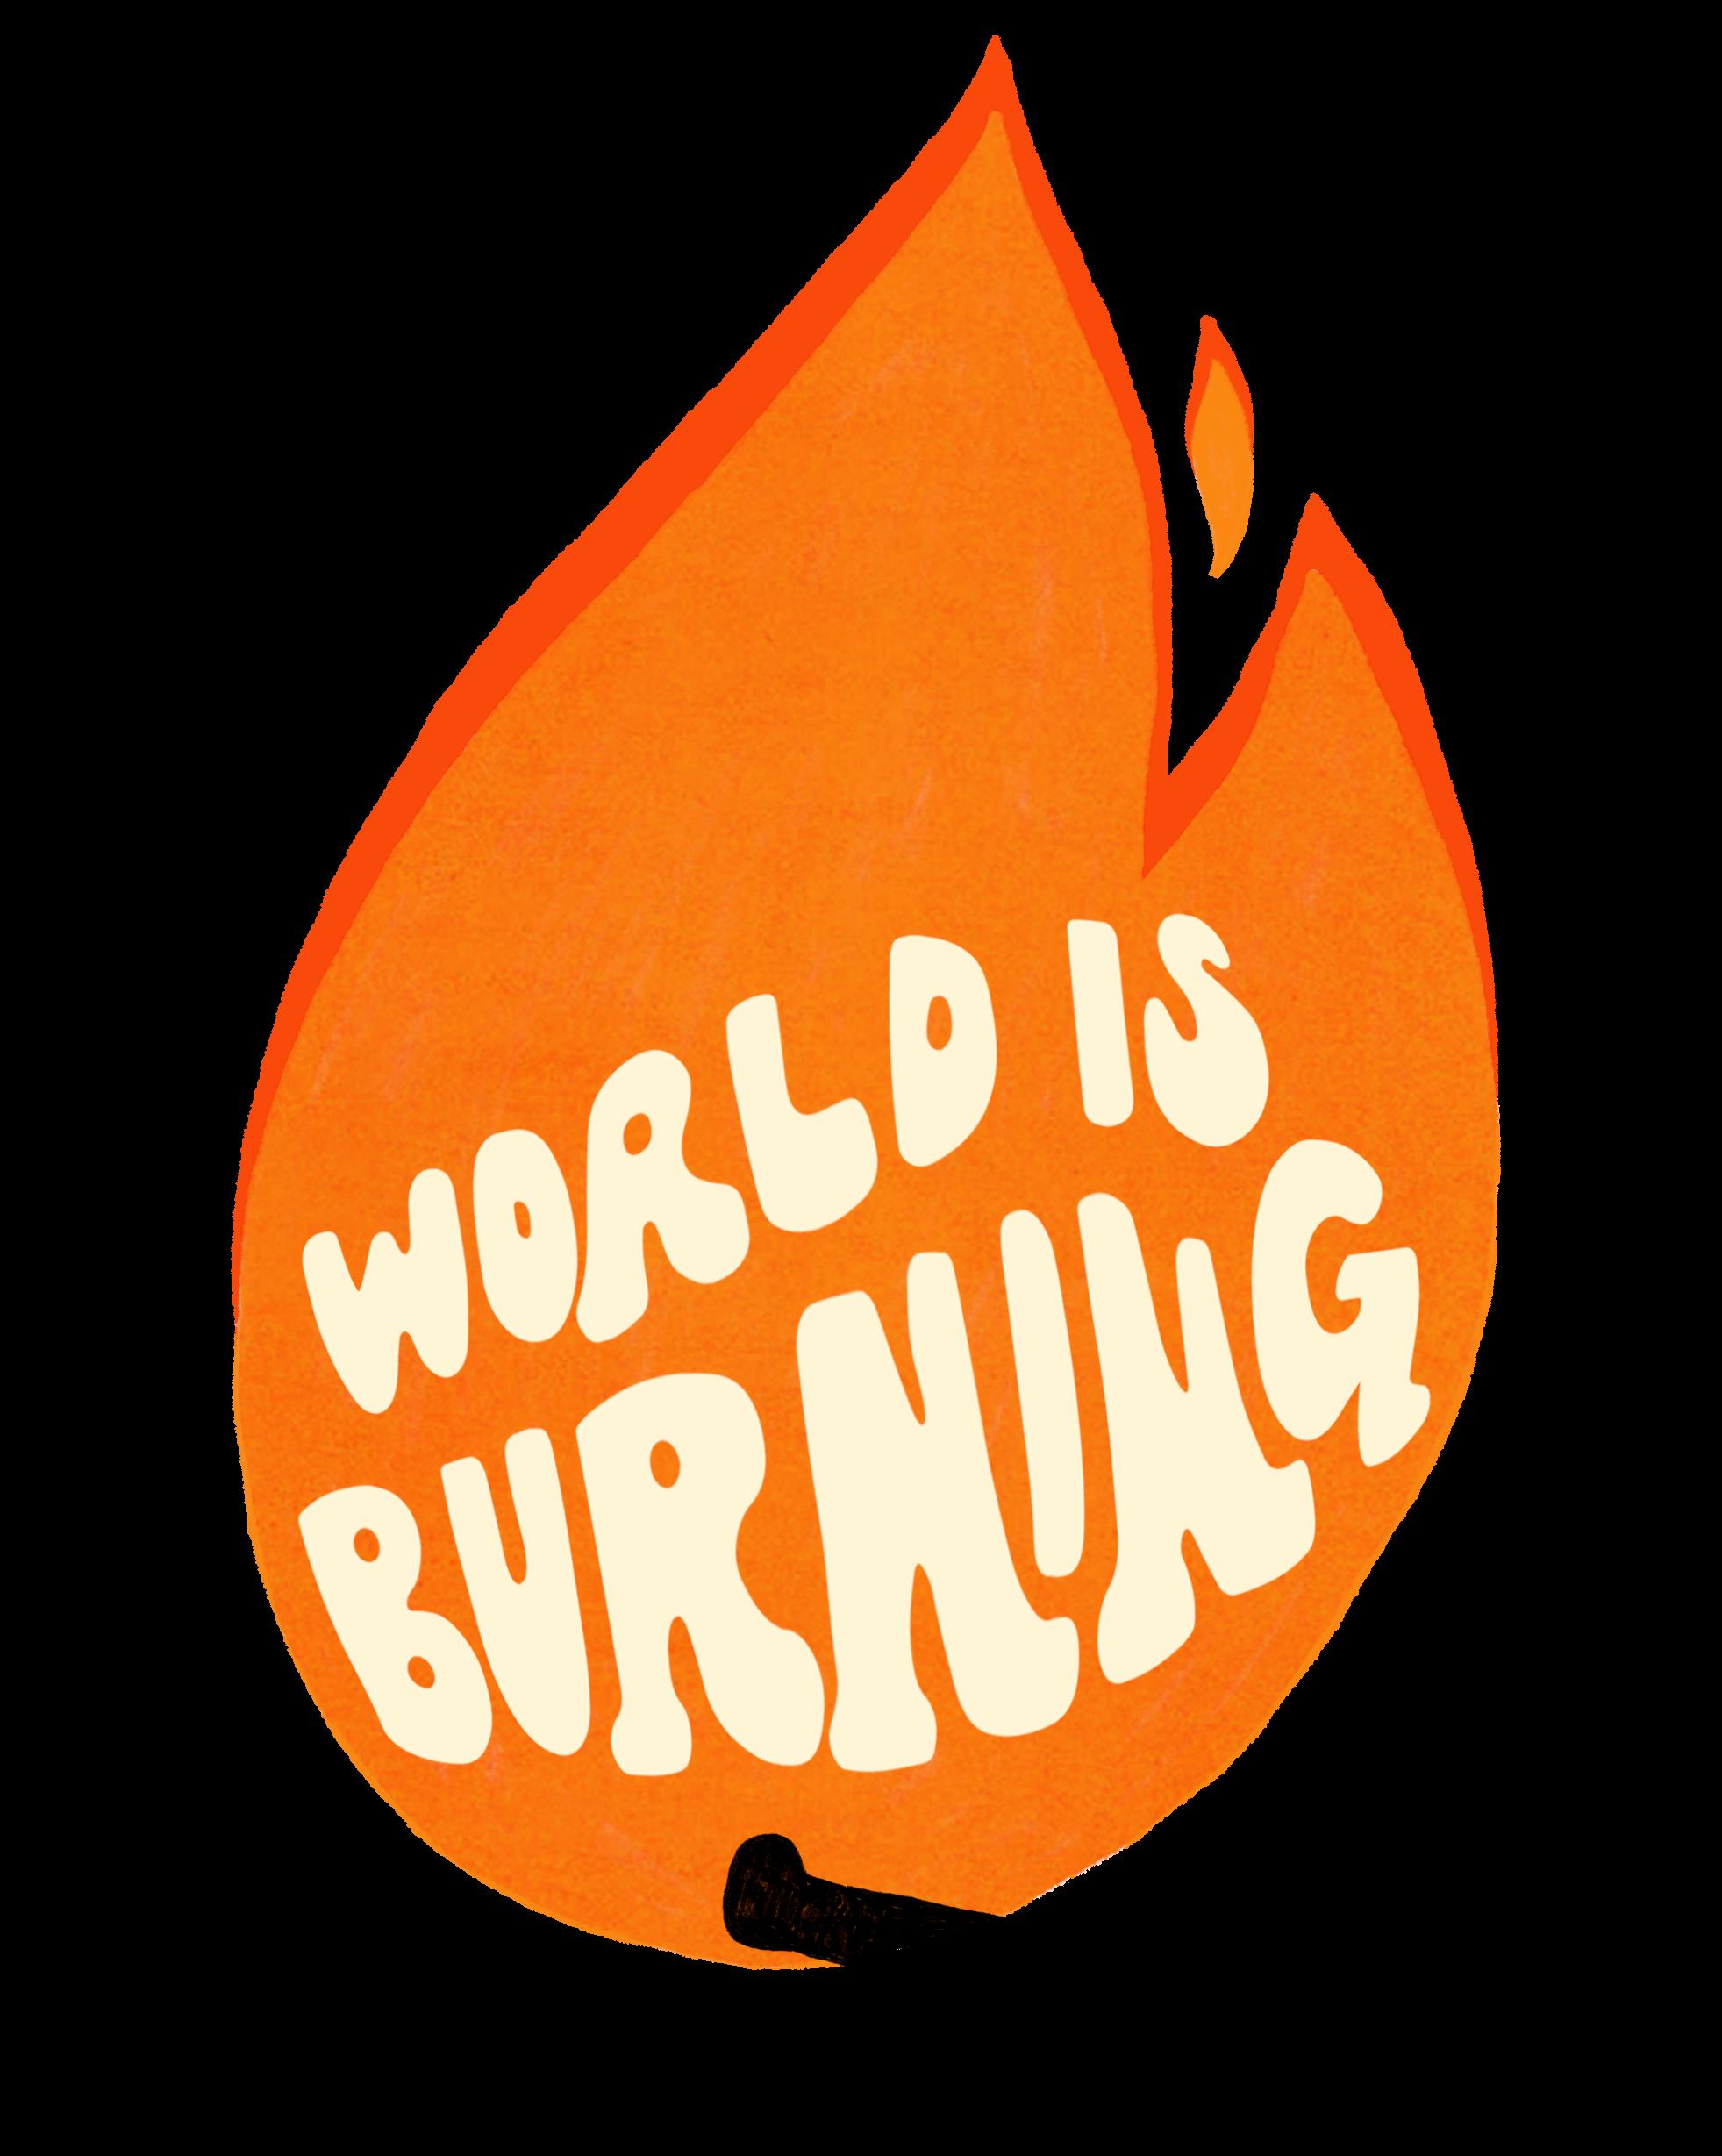 World Is Burning